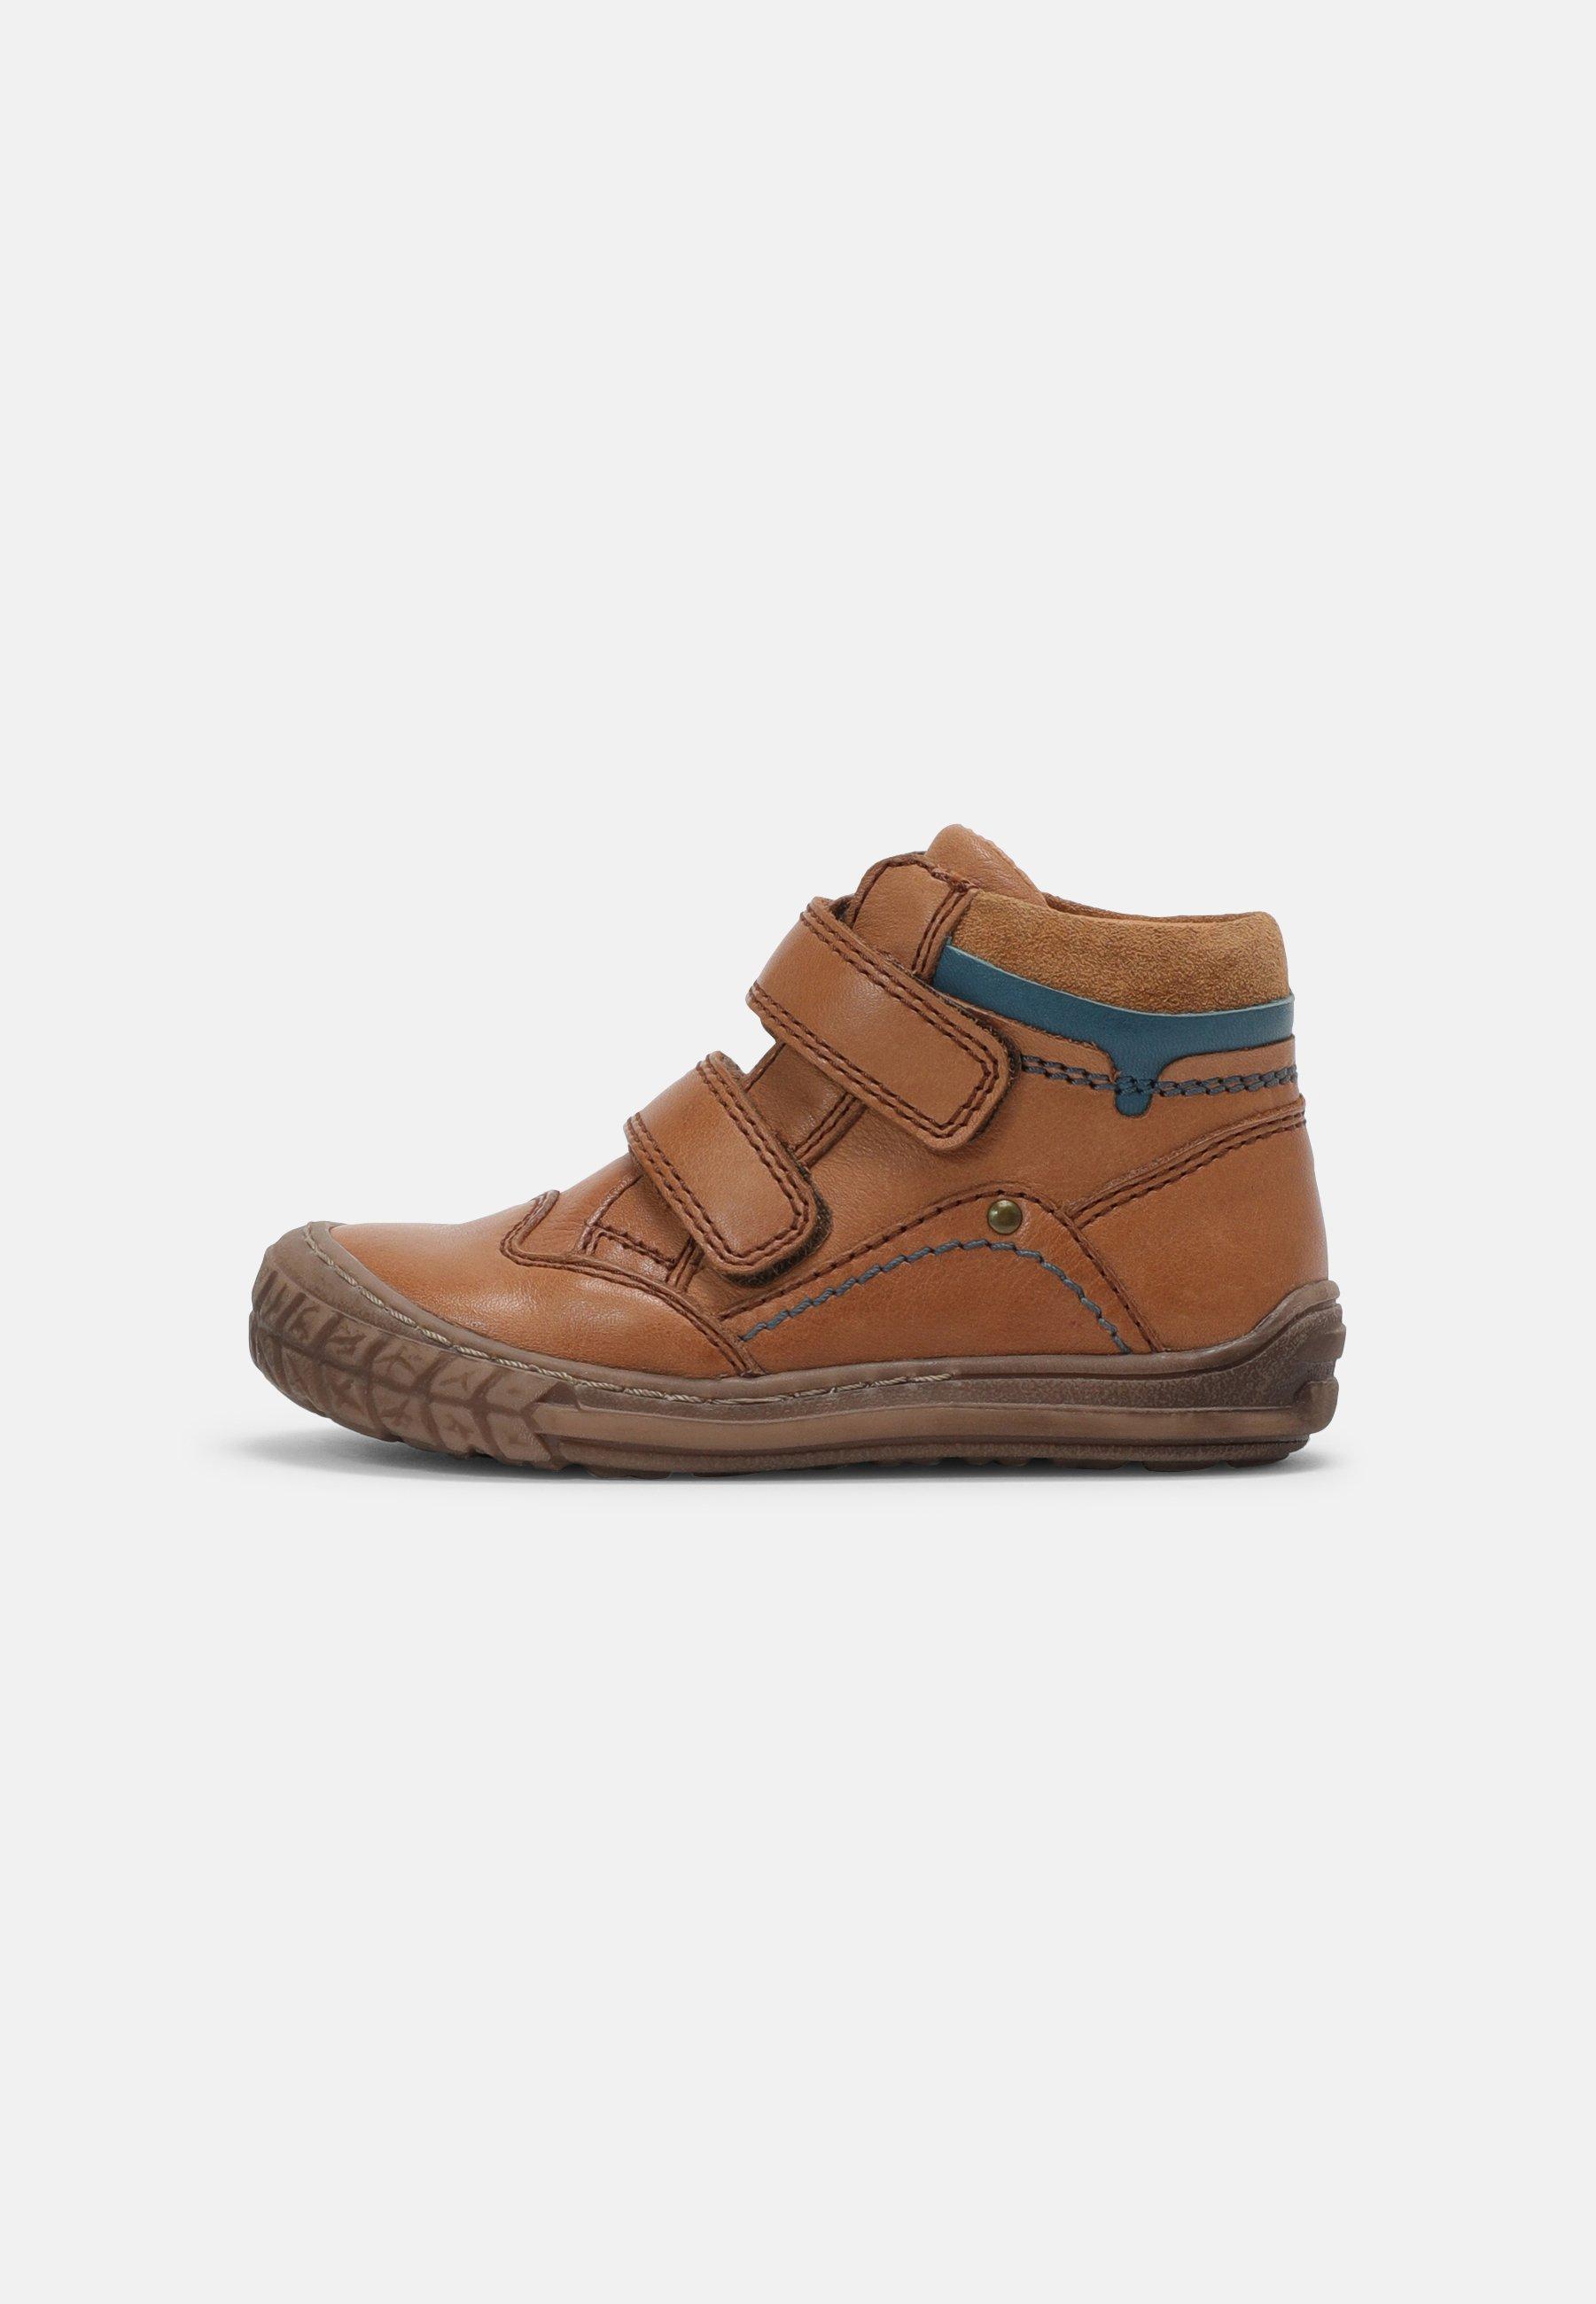 Kids NAIK - Touch-strap shoes